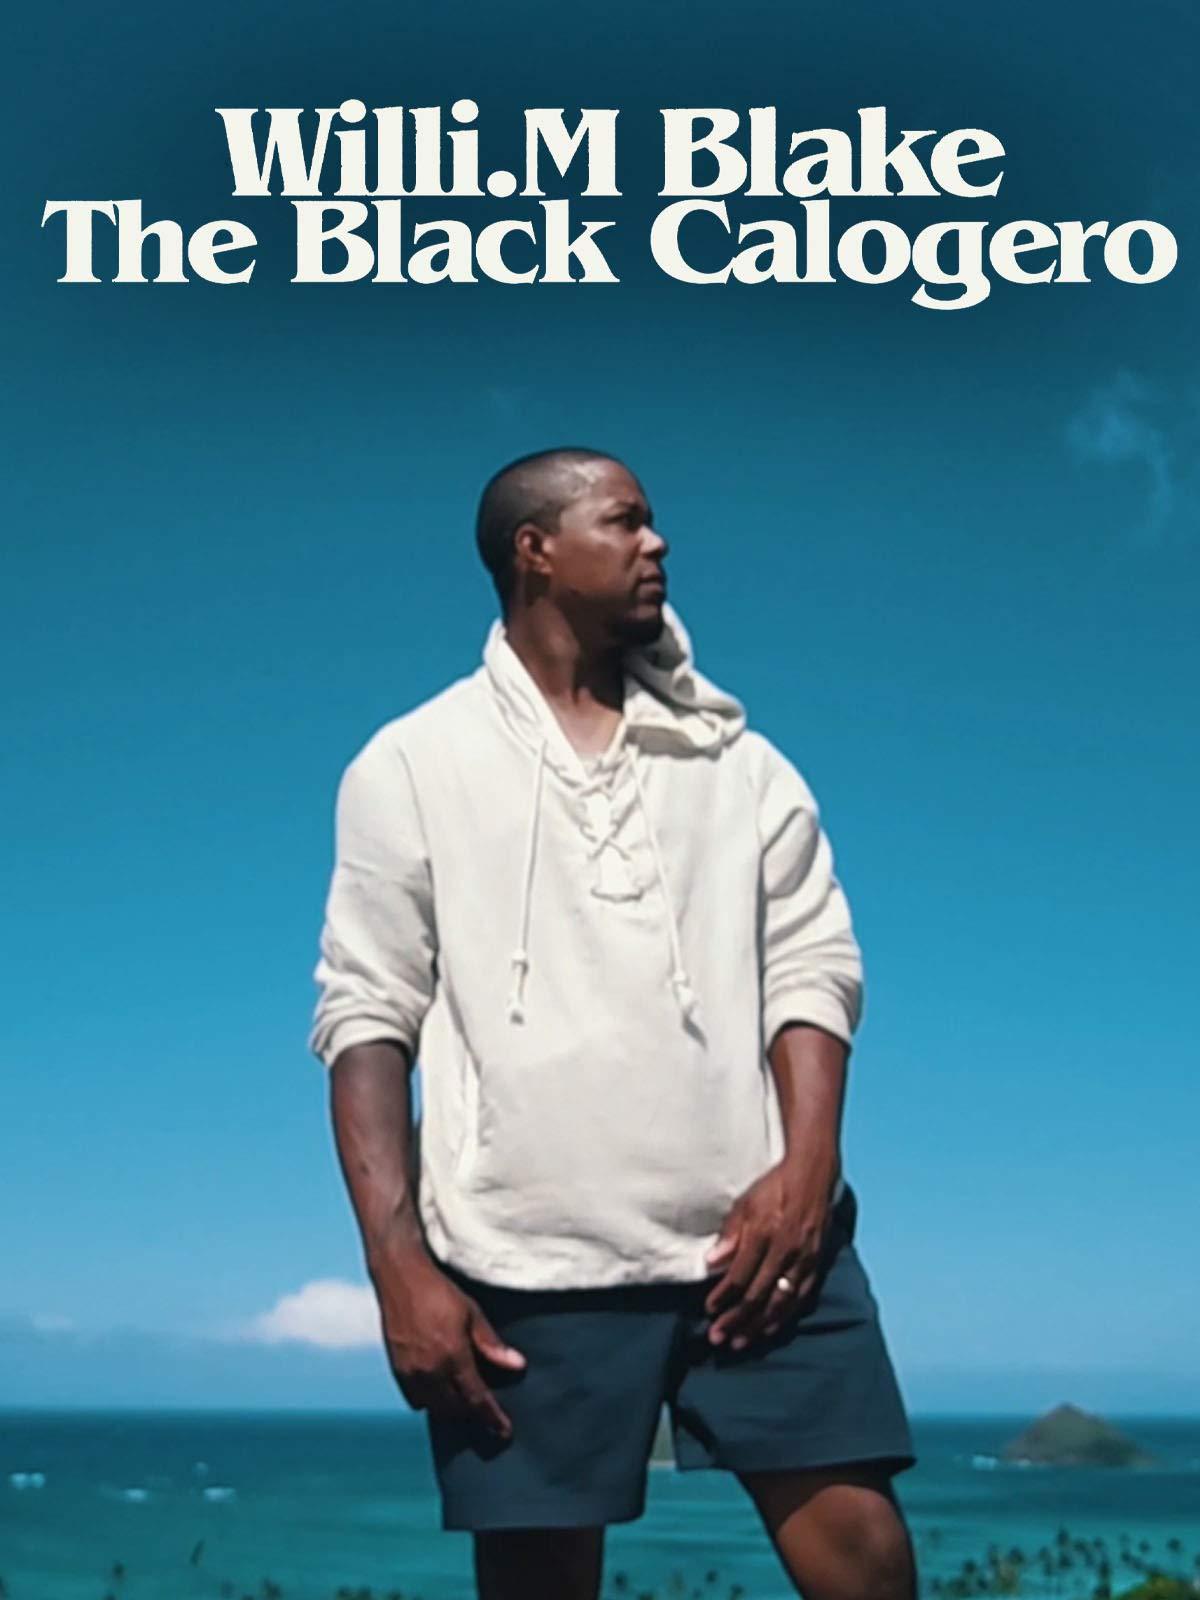 The Black Calogero